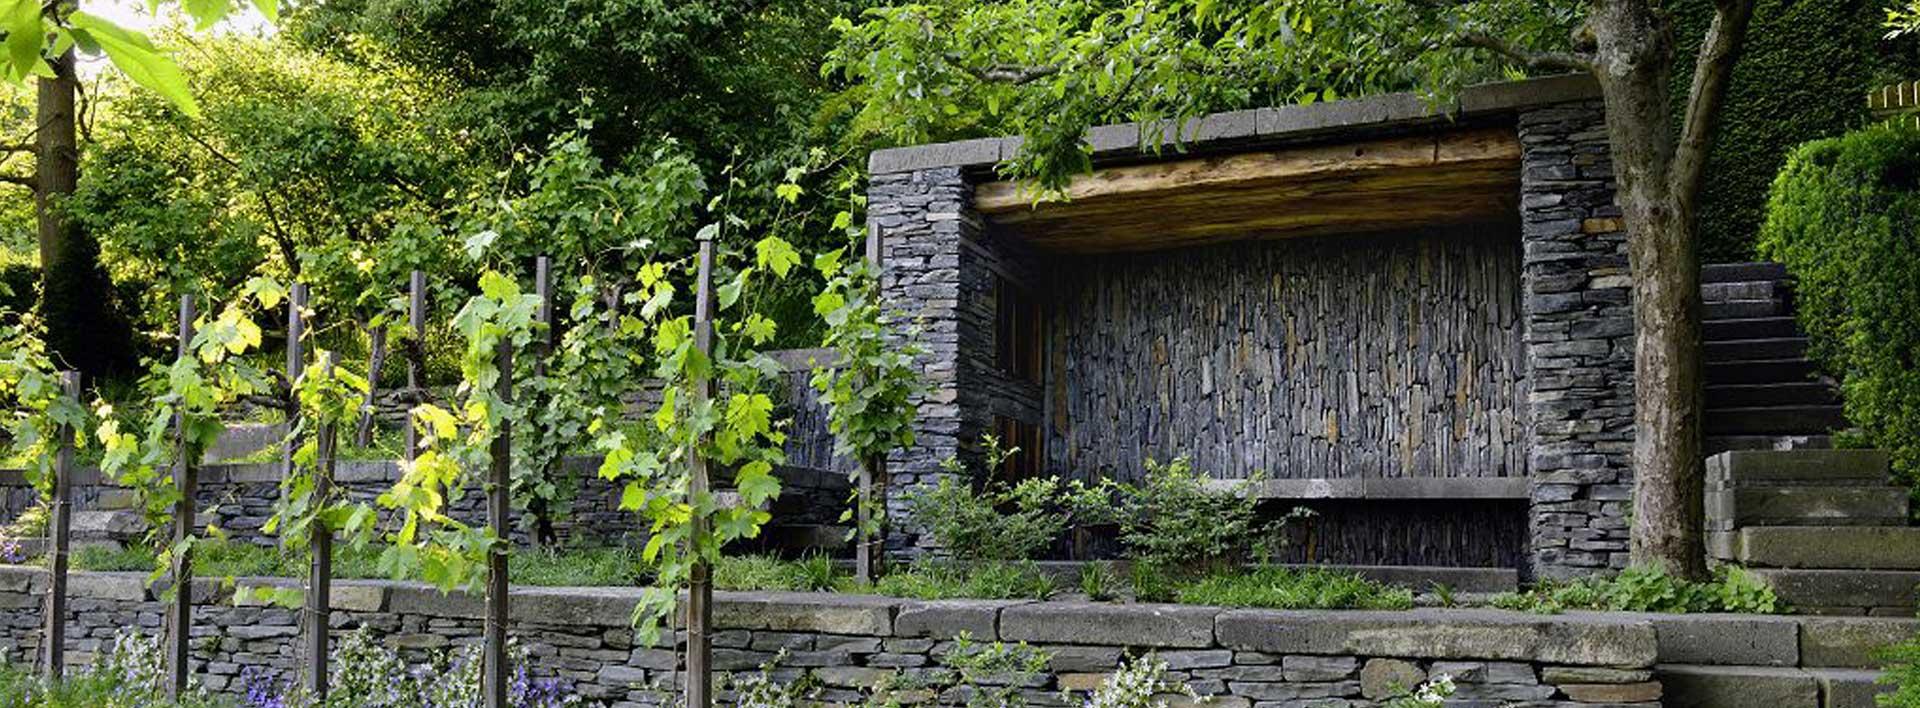 Gartenhaus aus Naturstein in Peter Bergs eigenem Garten